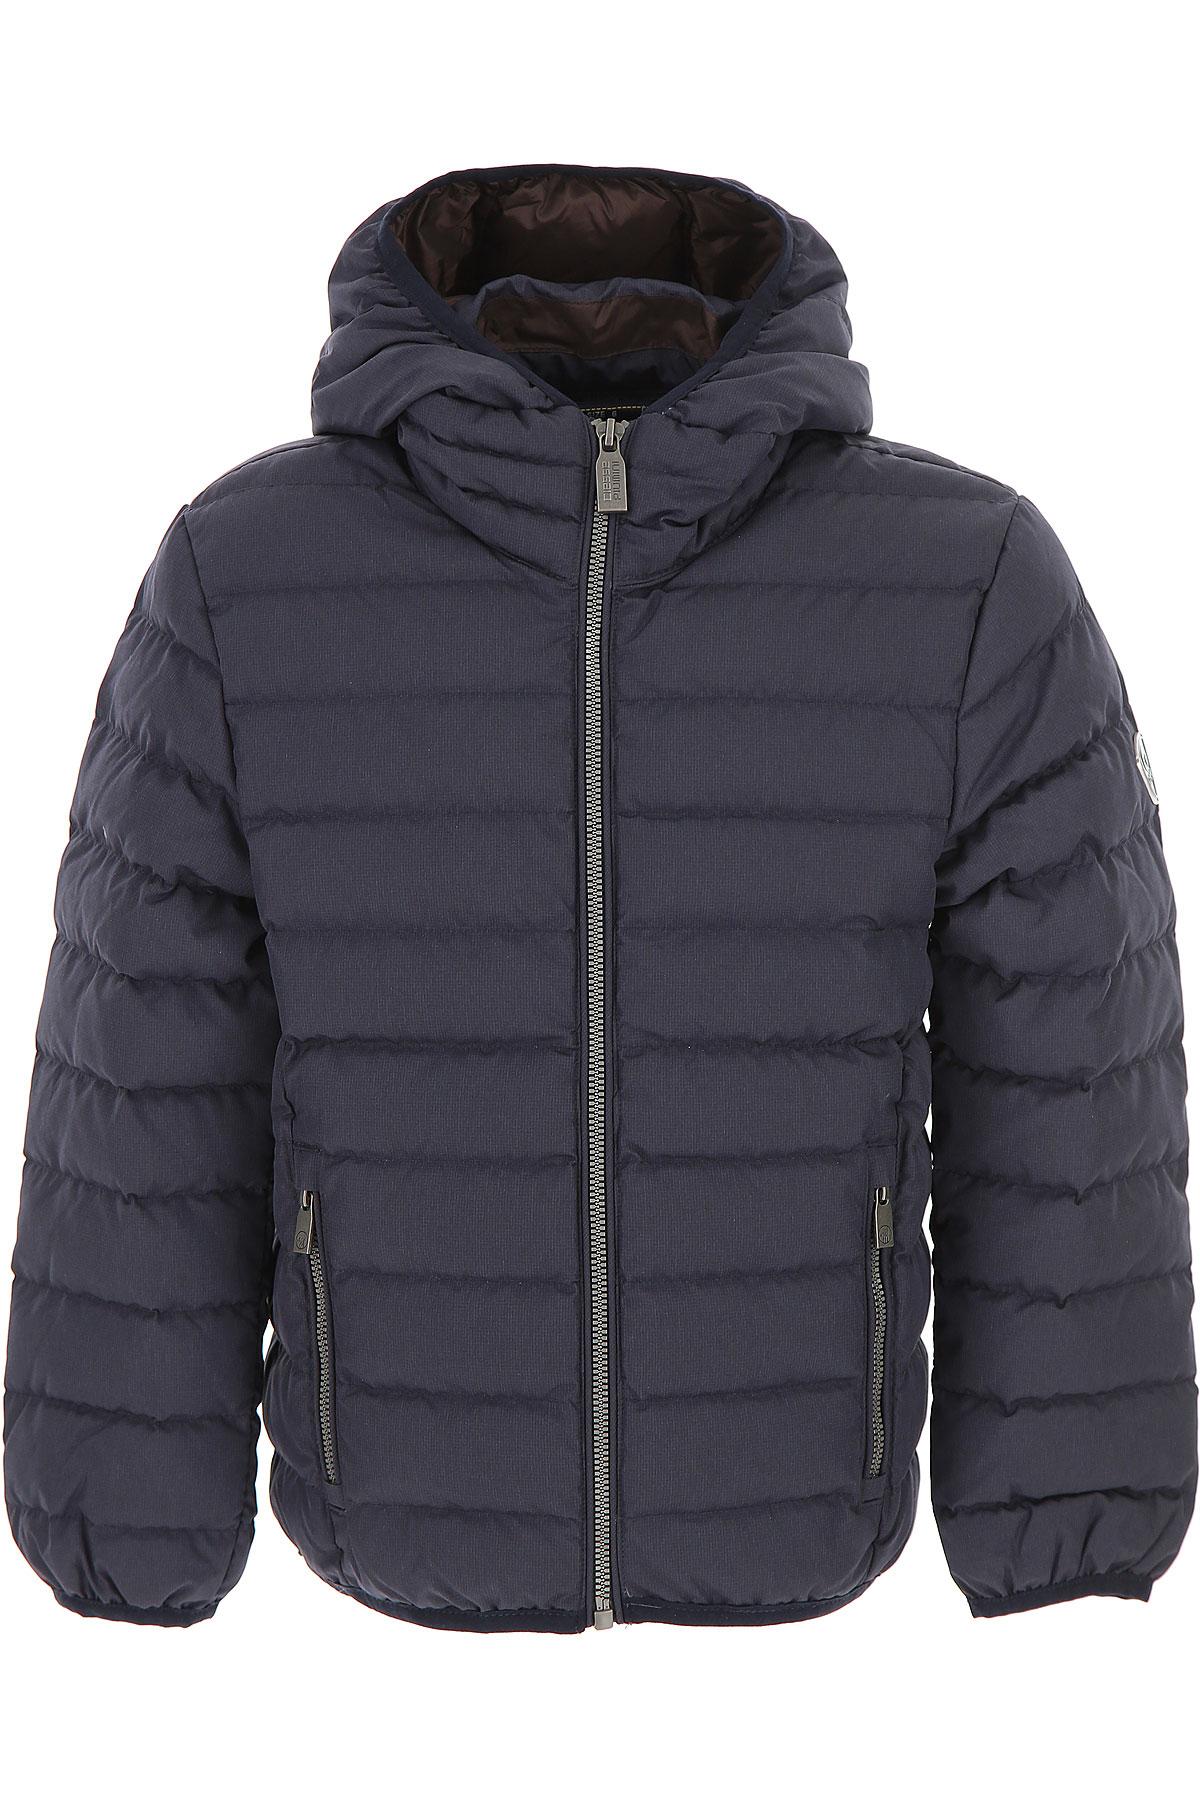 Image of Ciesse Piumini Boys Down Jacket for Kids, Puffer Ski Jacket, Blue, polyester, 2017, 10Y 14Y 16Y 4Y 6Y 8Y